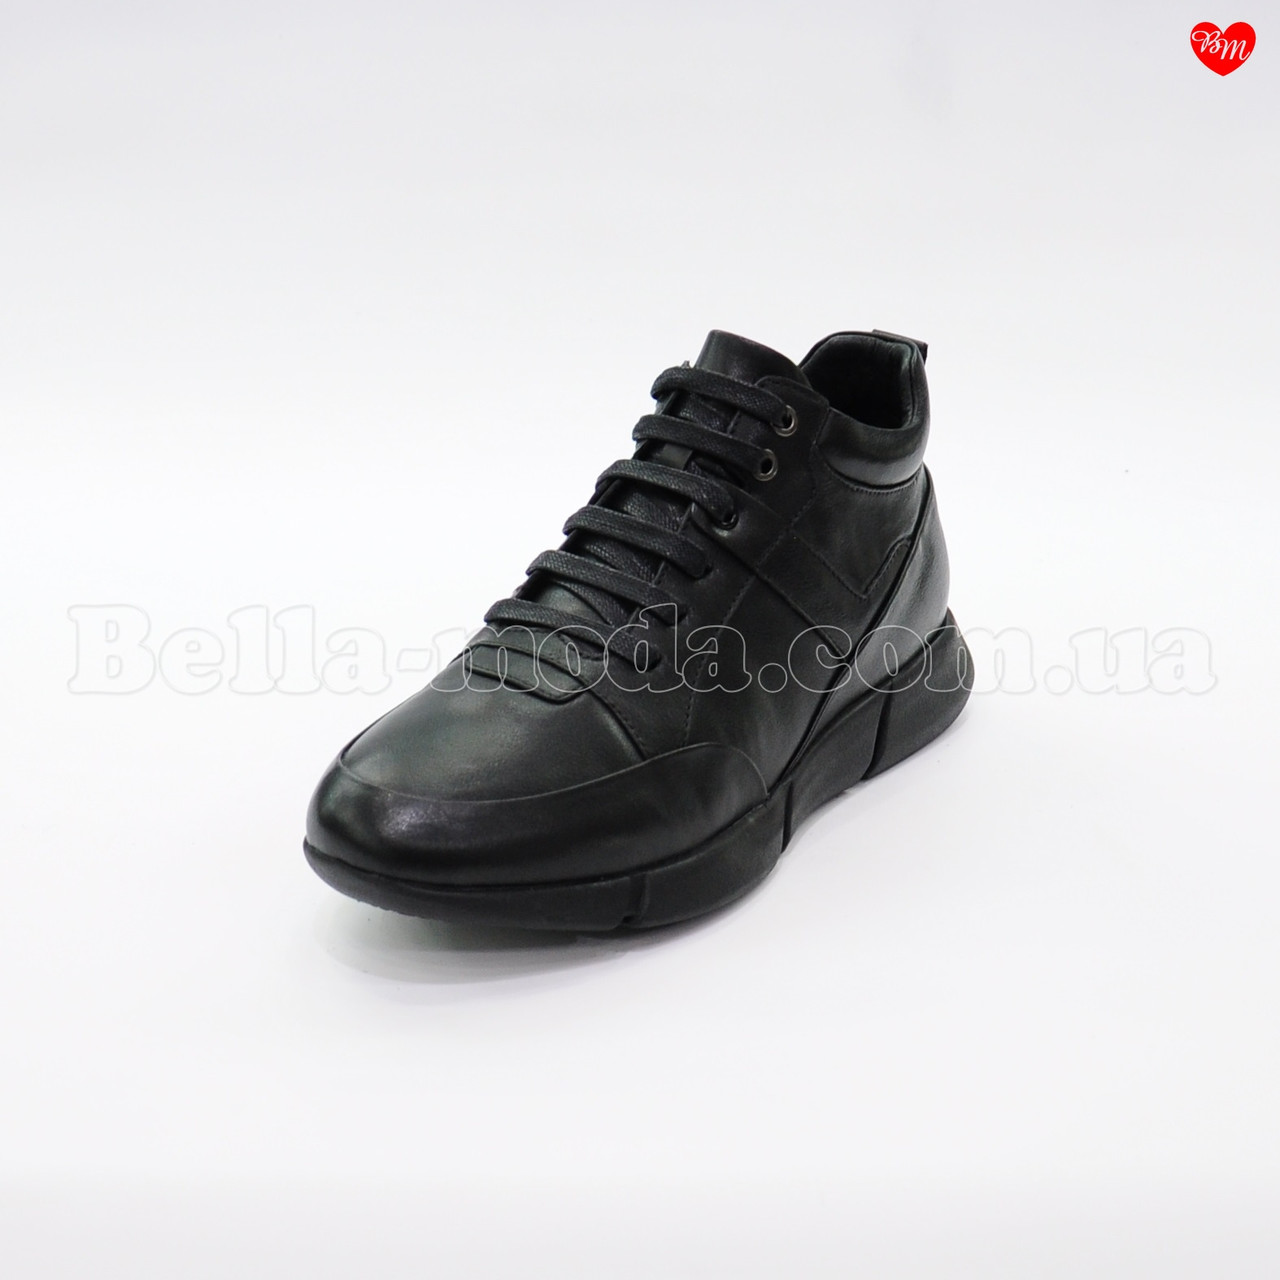 Купить Мужские кроссовки на змейке Basconi в розницу от интернет ... e346bcc84b479